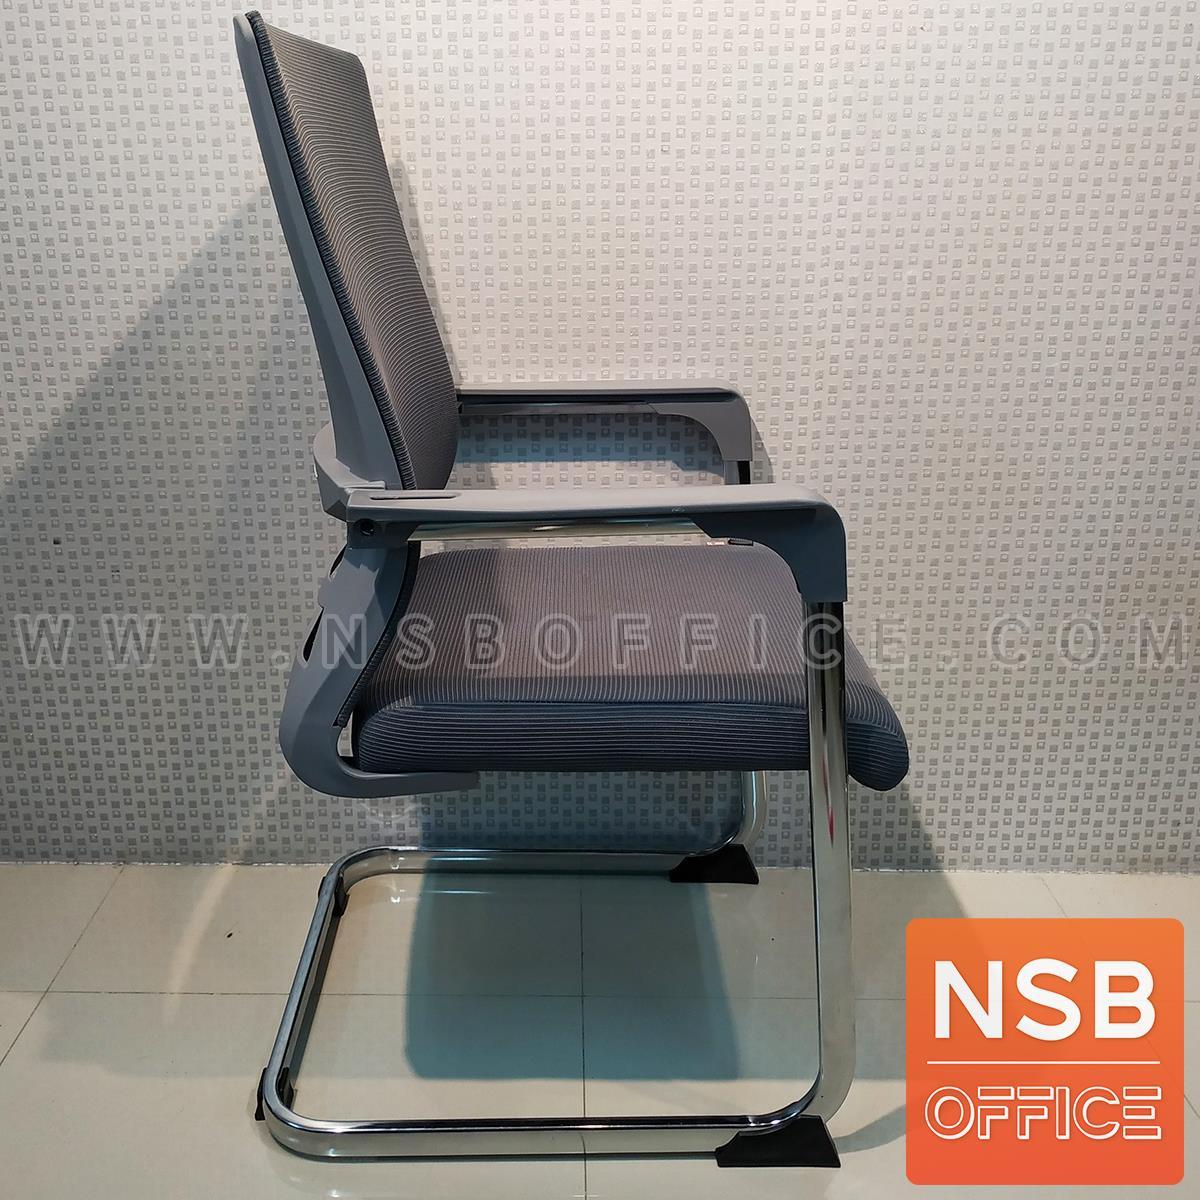 เก้าอี้รับแขกหลังเน็ต รุ่น Chesford (เชสฟอร์ด)  ขาเหล็กชุบโครเมี่ยม